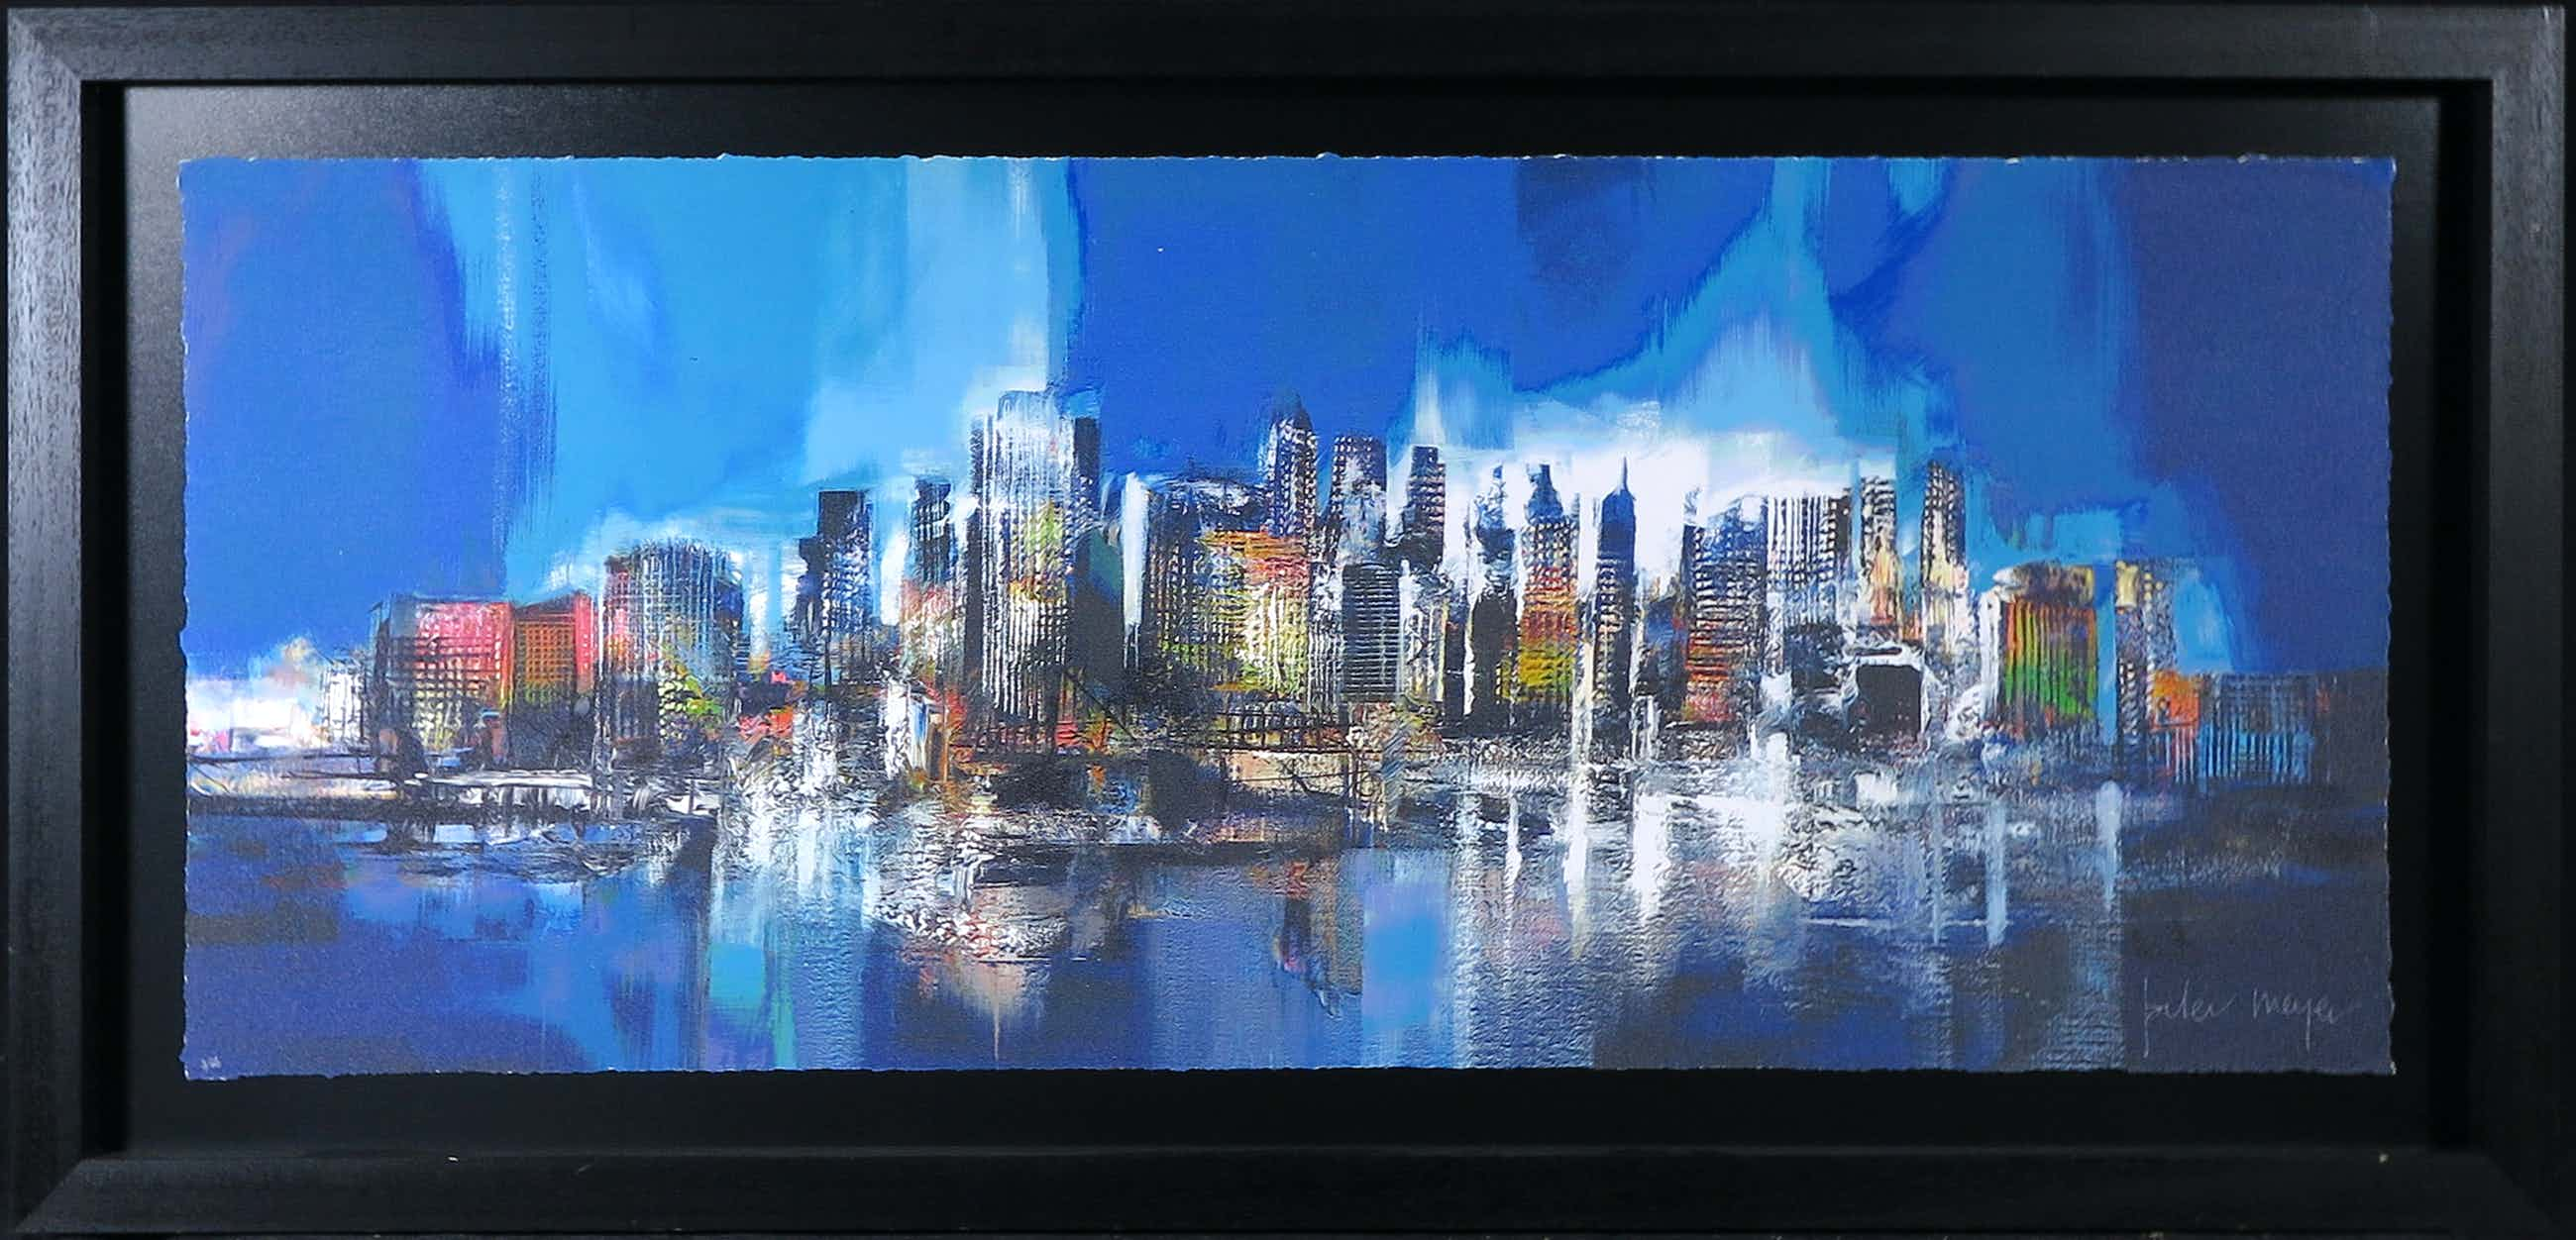 Peter Meijer - Zeefdruk, Manhattan skyline bleu - Ingelijst (Groot) kopen? Bied vanaf 180!